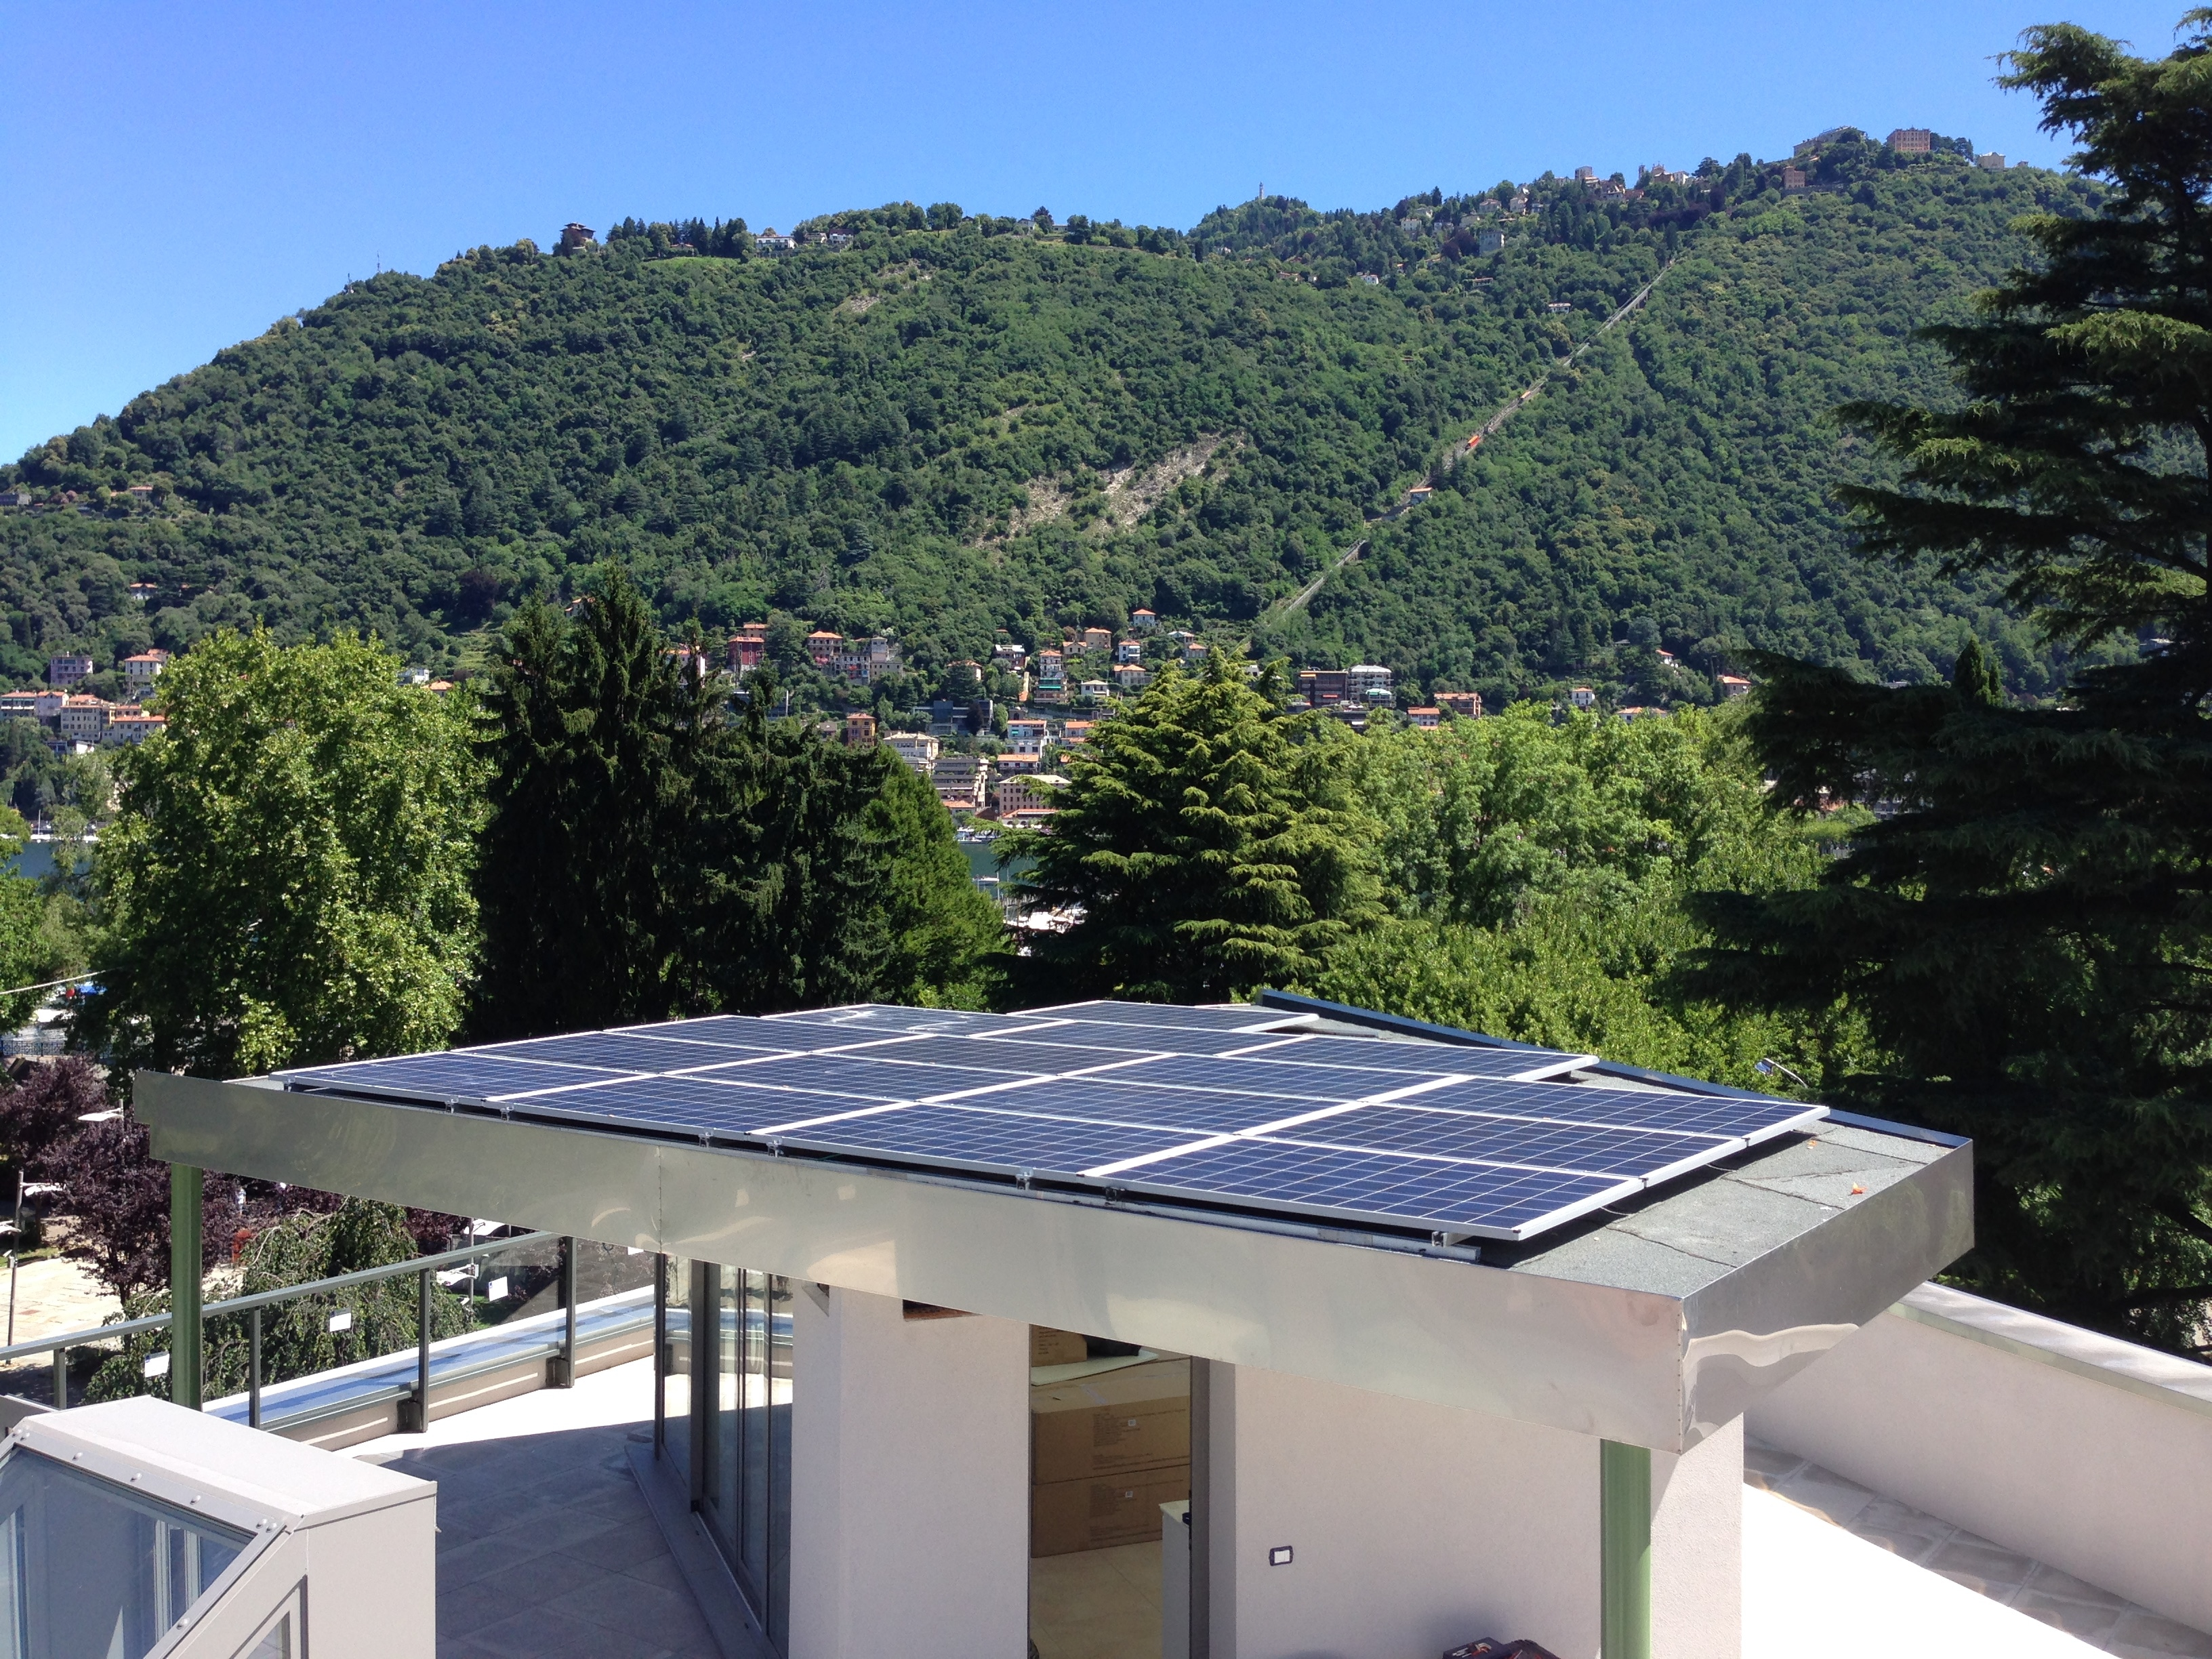 Schema Impianto Cablaggio Strutturato : Impianto fotovoltaico colombo impianti elettrici